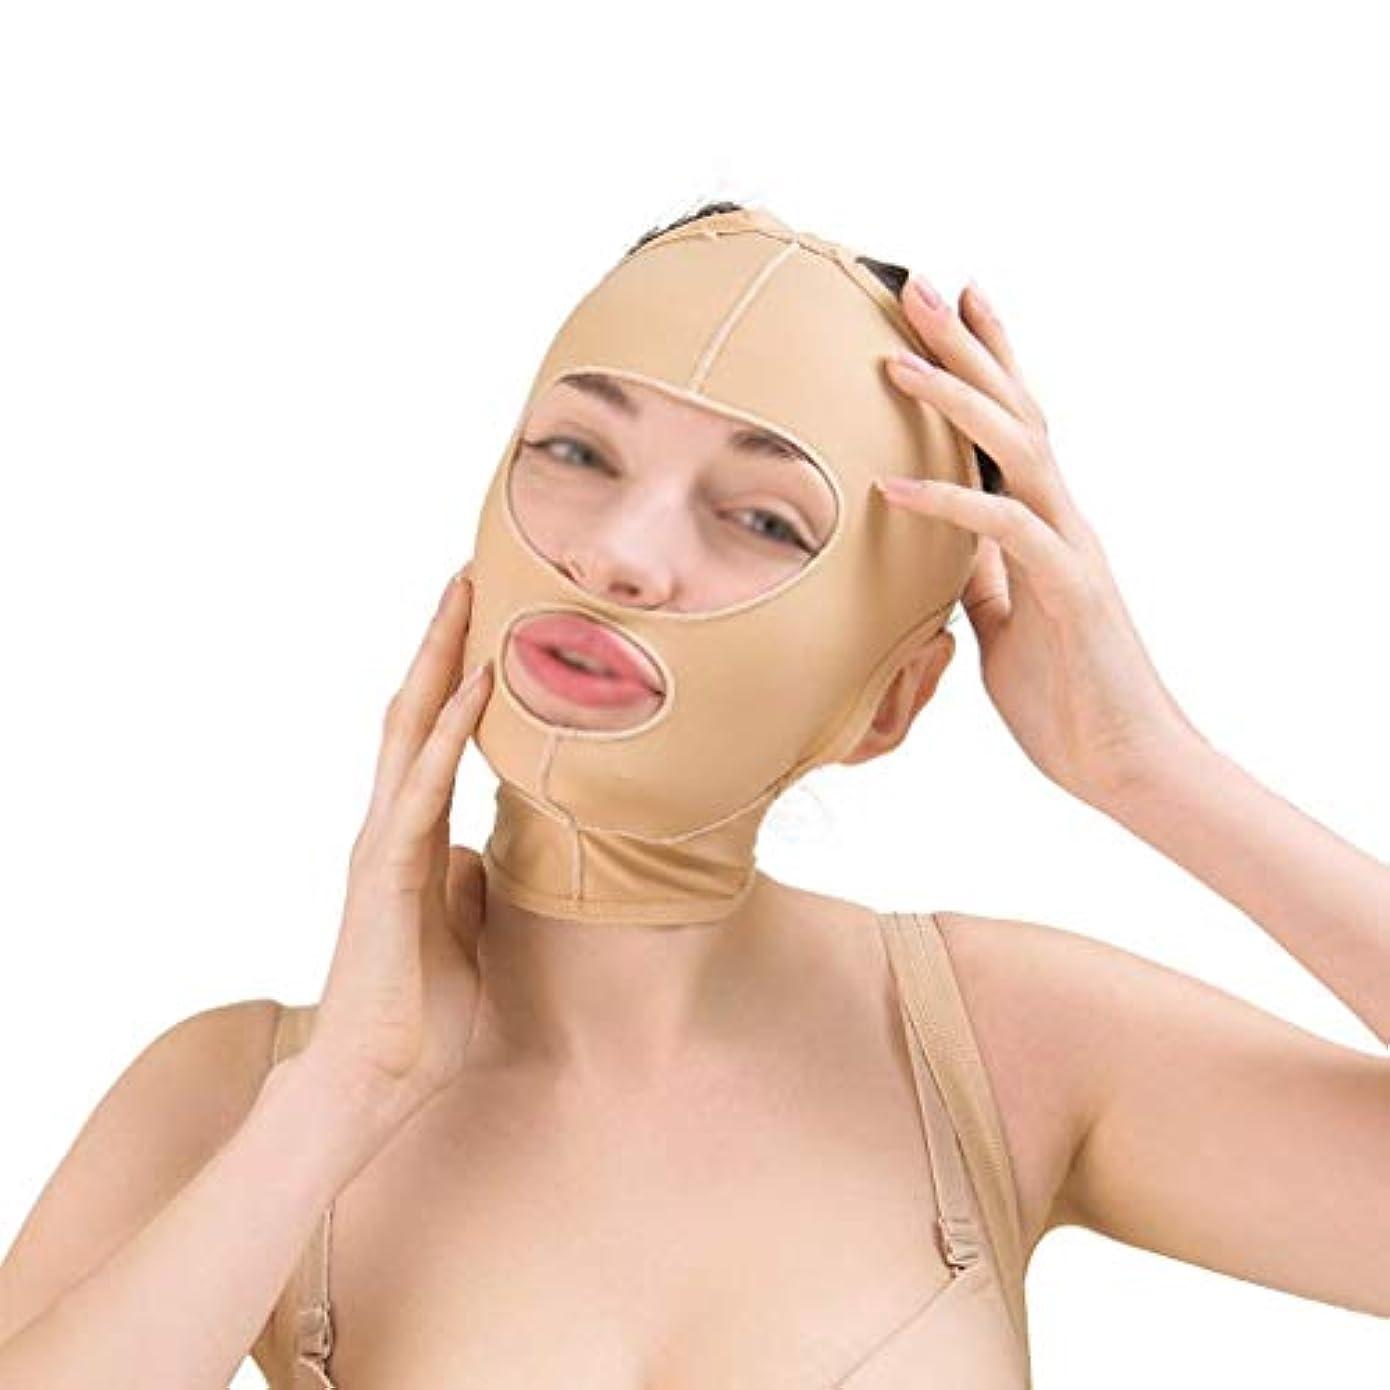 メンタリティ継続中事実上美容フェイスリフト減量ベルト、ほおスリムフィット、通気性フェイスリフト、引き締め、リフティング包帯、フェイシャルスキン包帯(サイズ:M),L